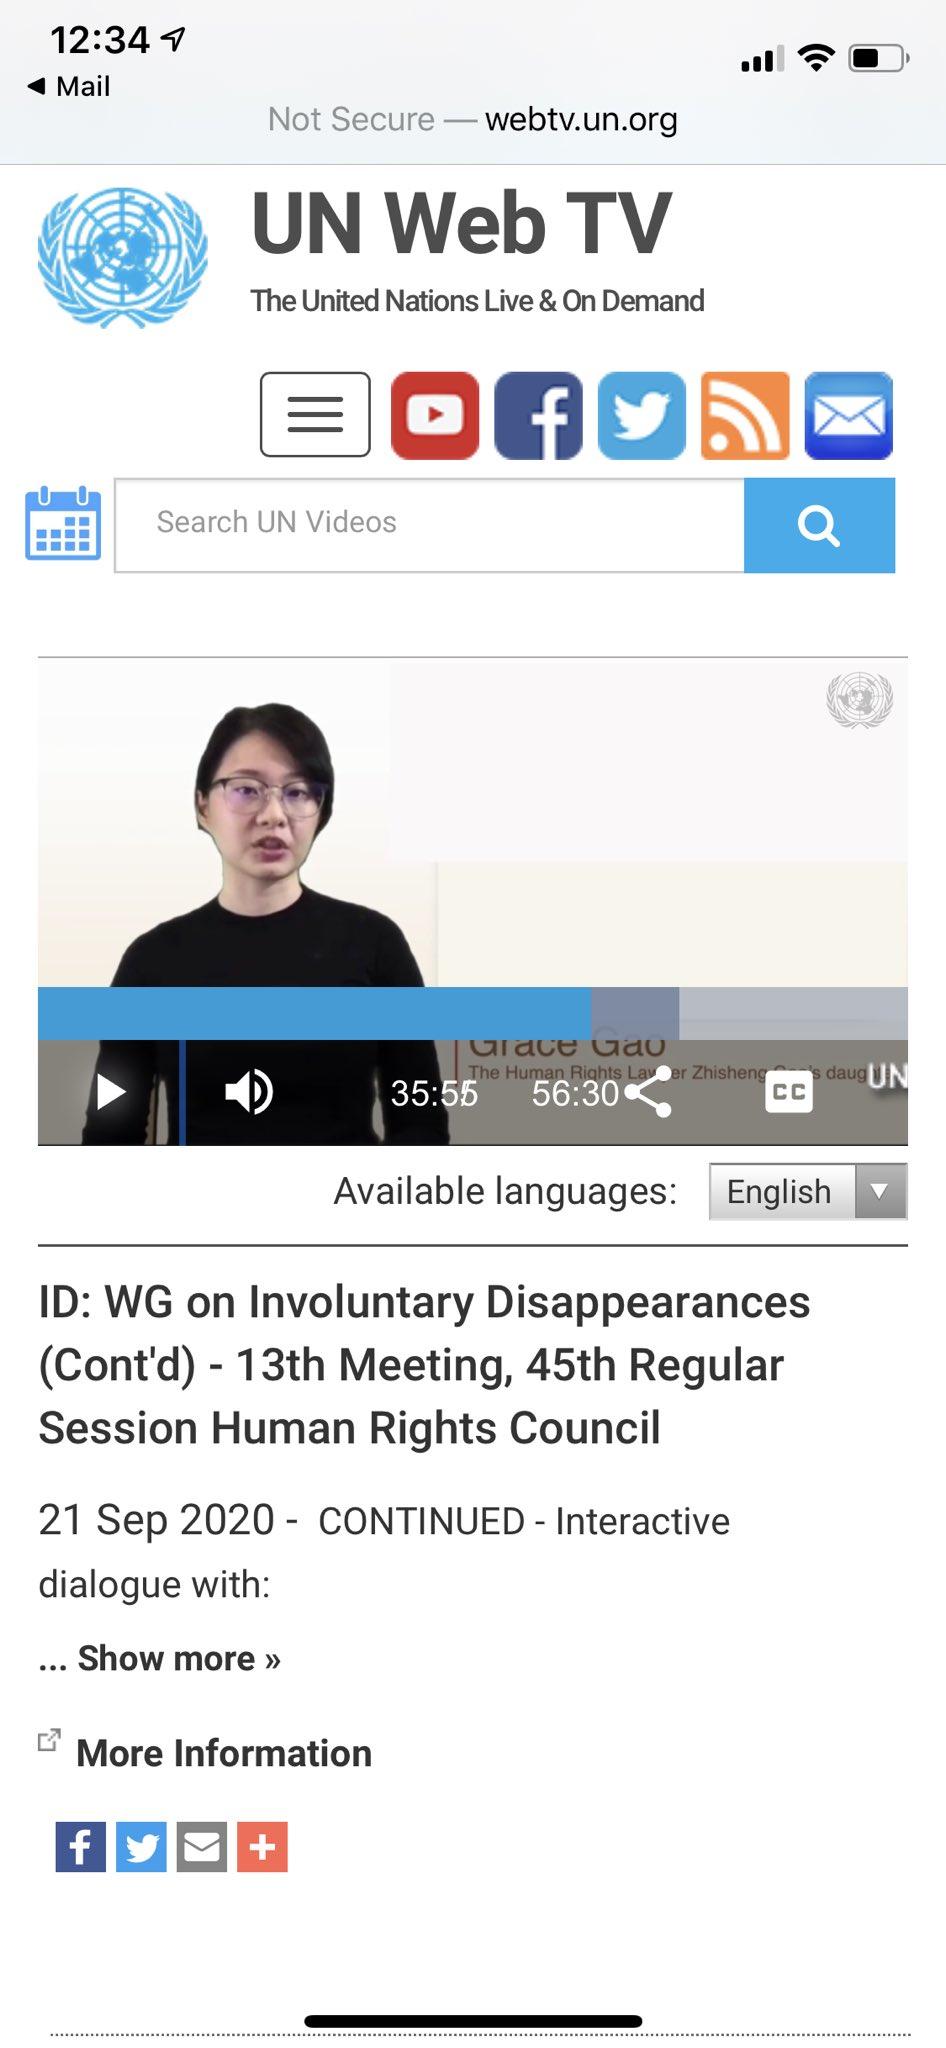 耿格联合国为被强迫失踪者发声。(截图)